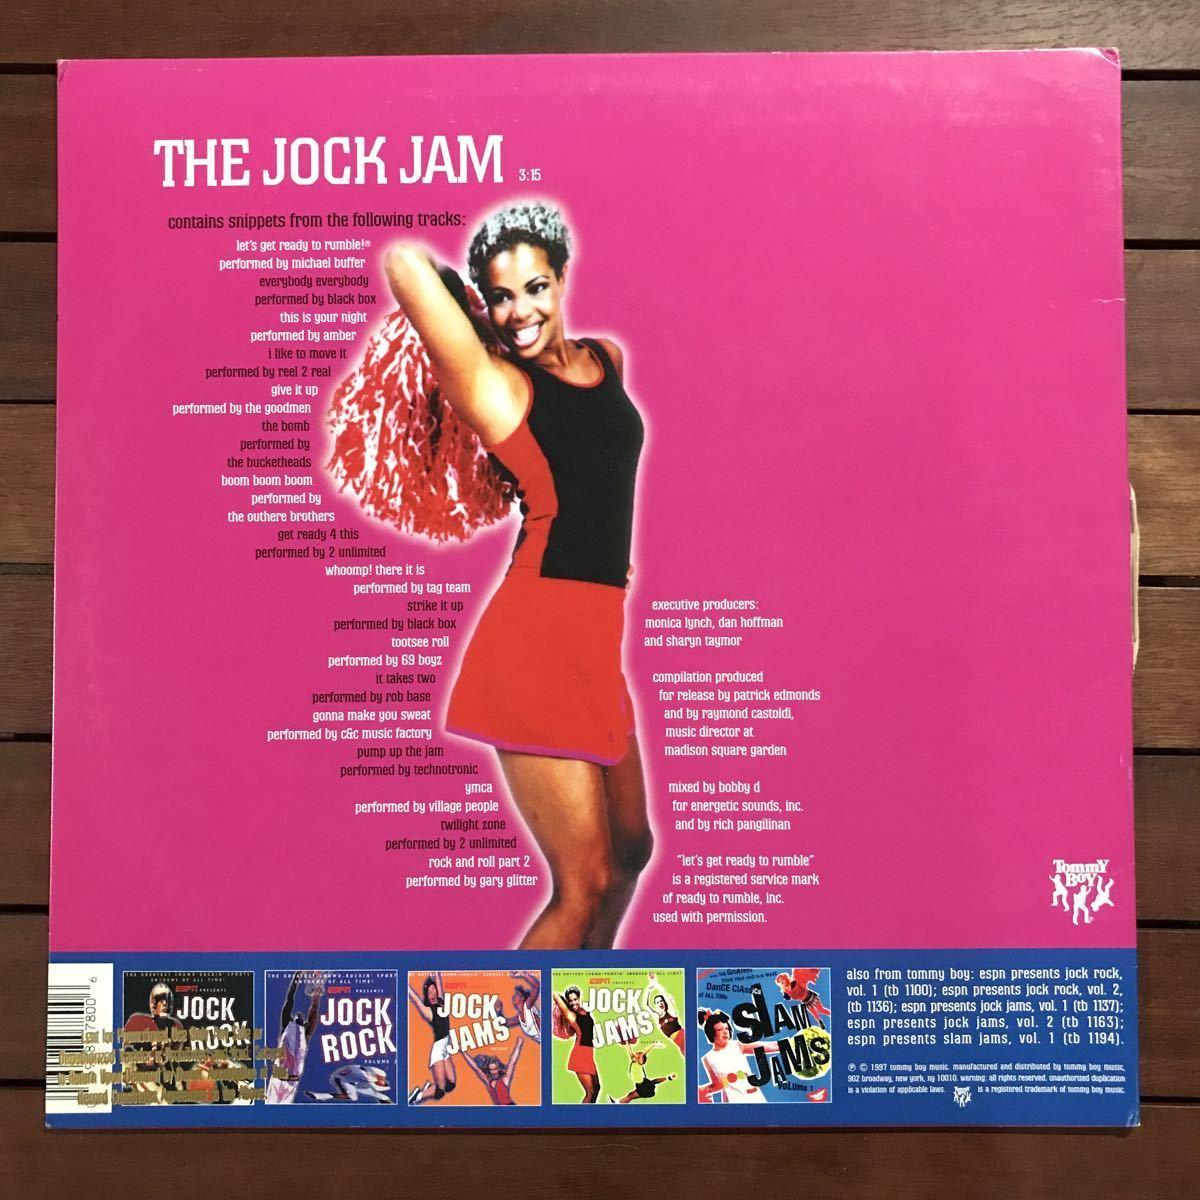 【r&b】The Jock Jam[12inch]オリジナル盤《4-2-27 9595》Medley